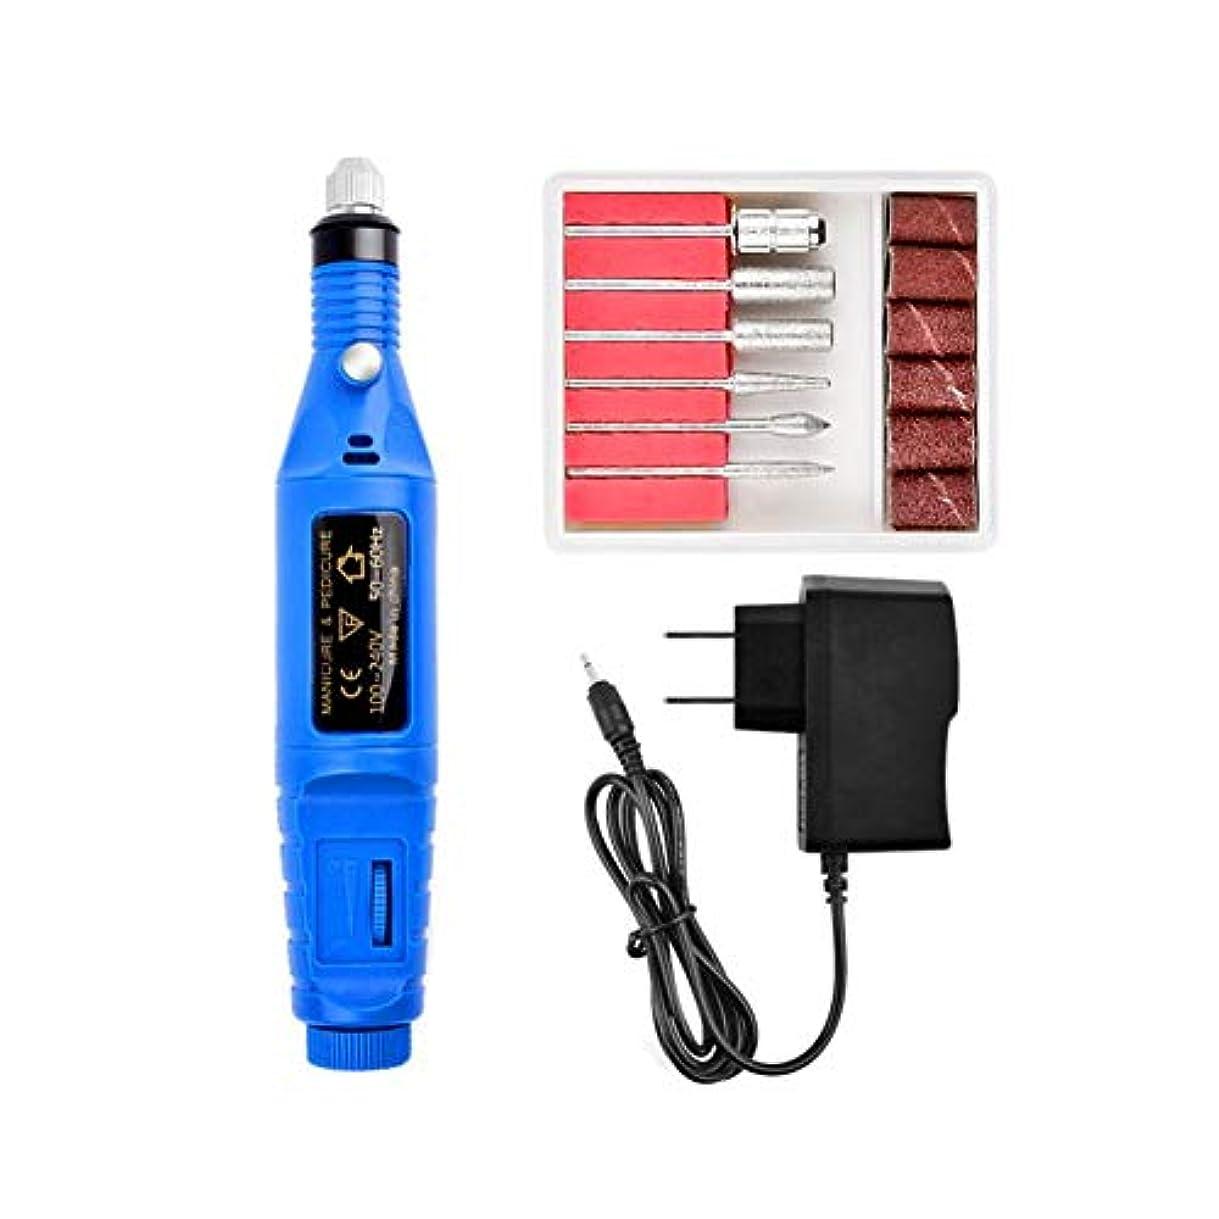 厚される習慣ネイルリムーバーペディキュアツールネイルを充電する電動ネイルドリルペン形状の爪ミニ私たちの青いボルトタイプを供給